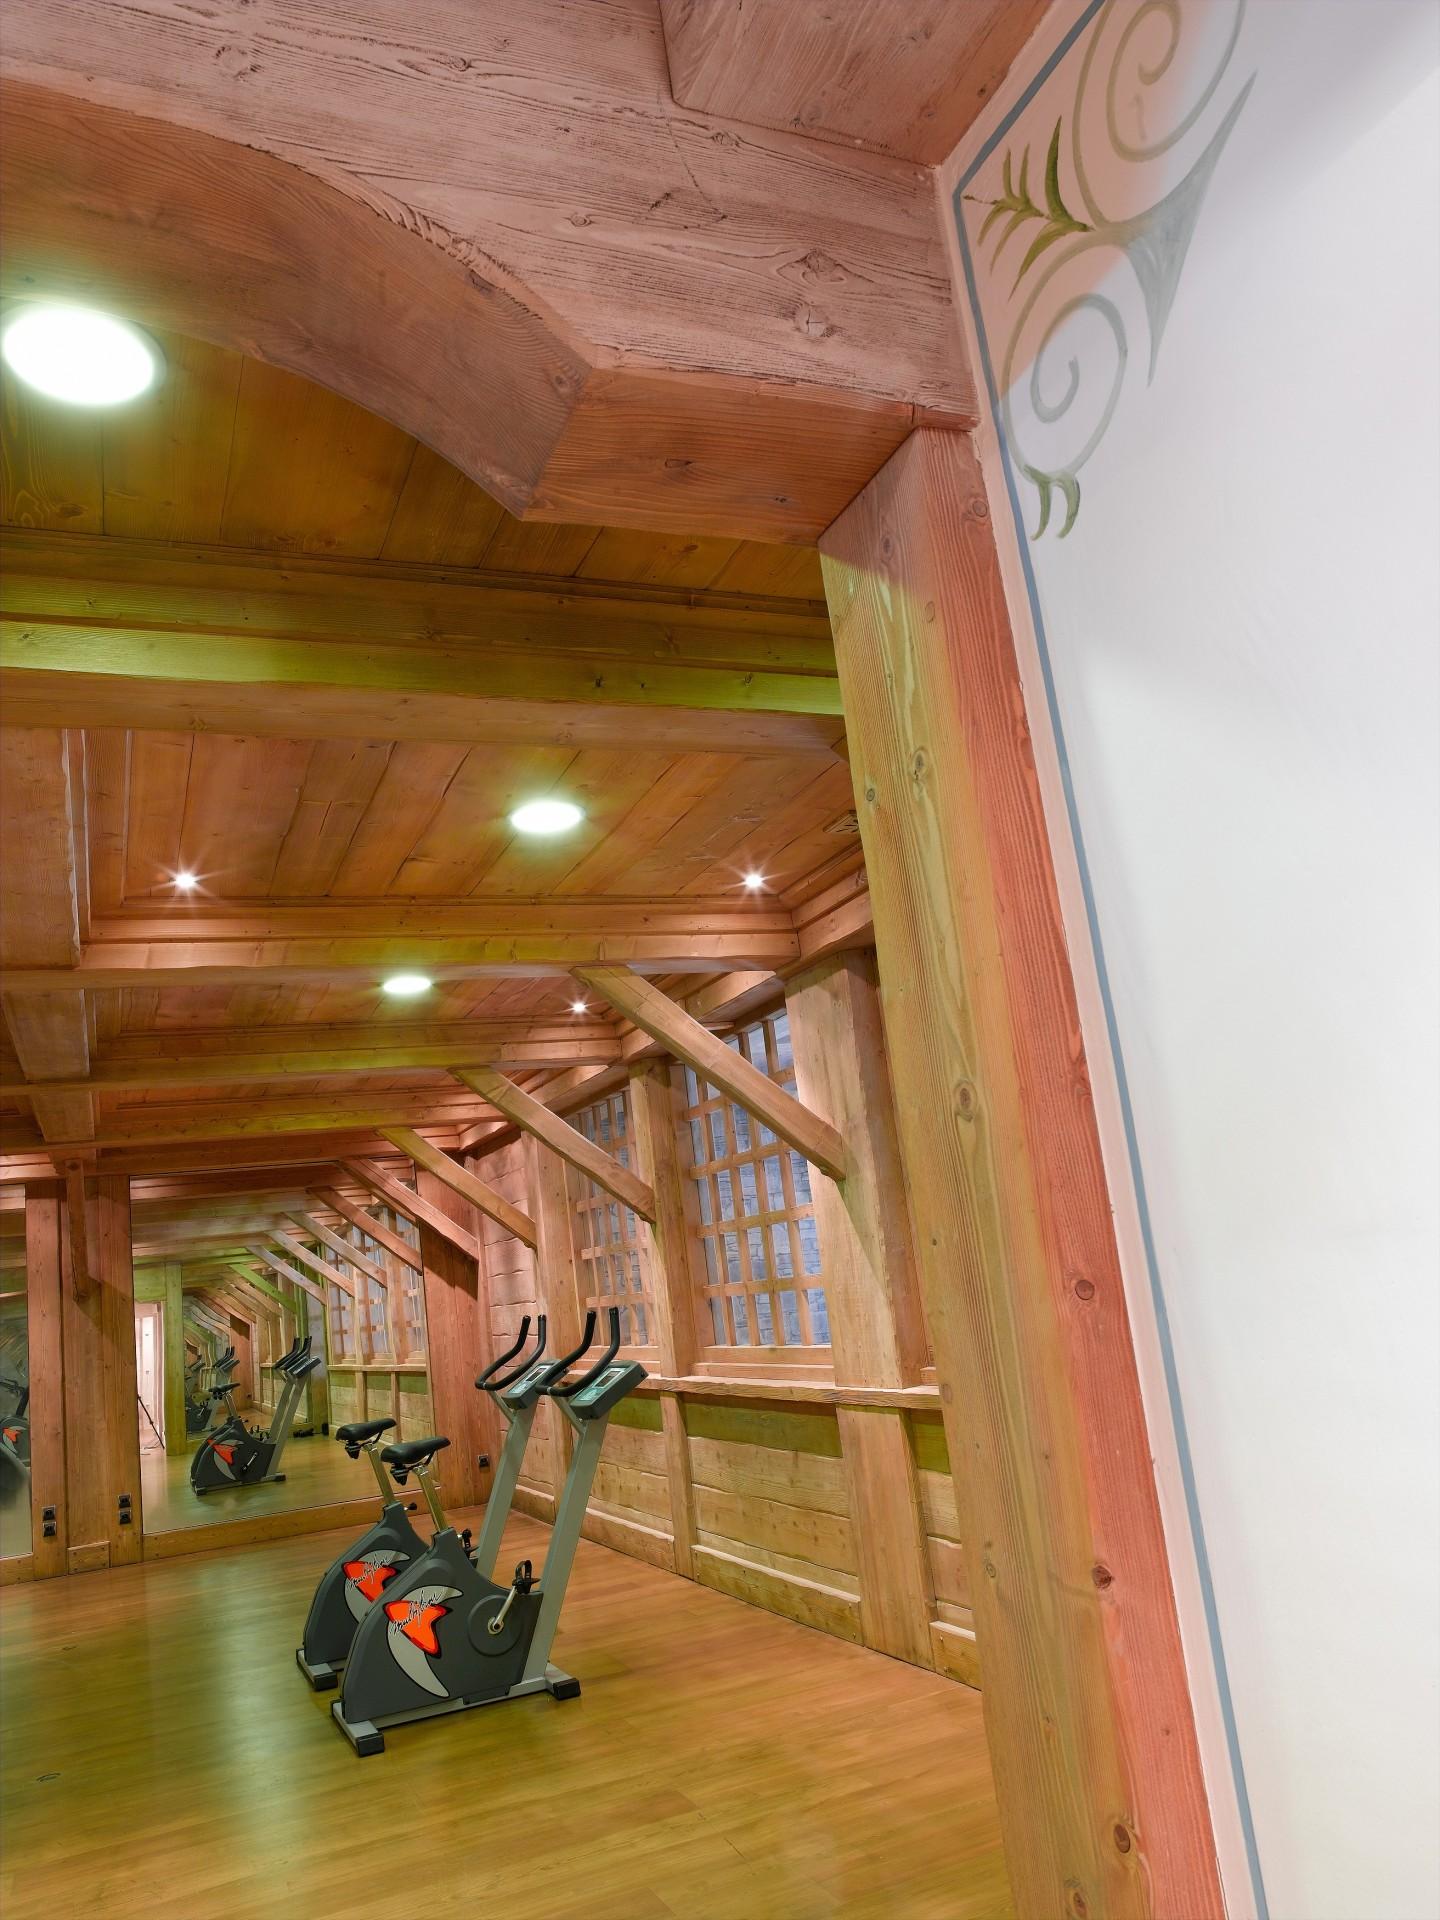 Les Saisies Location Appartement Luxe Leberka Salle De Fitness